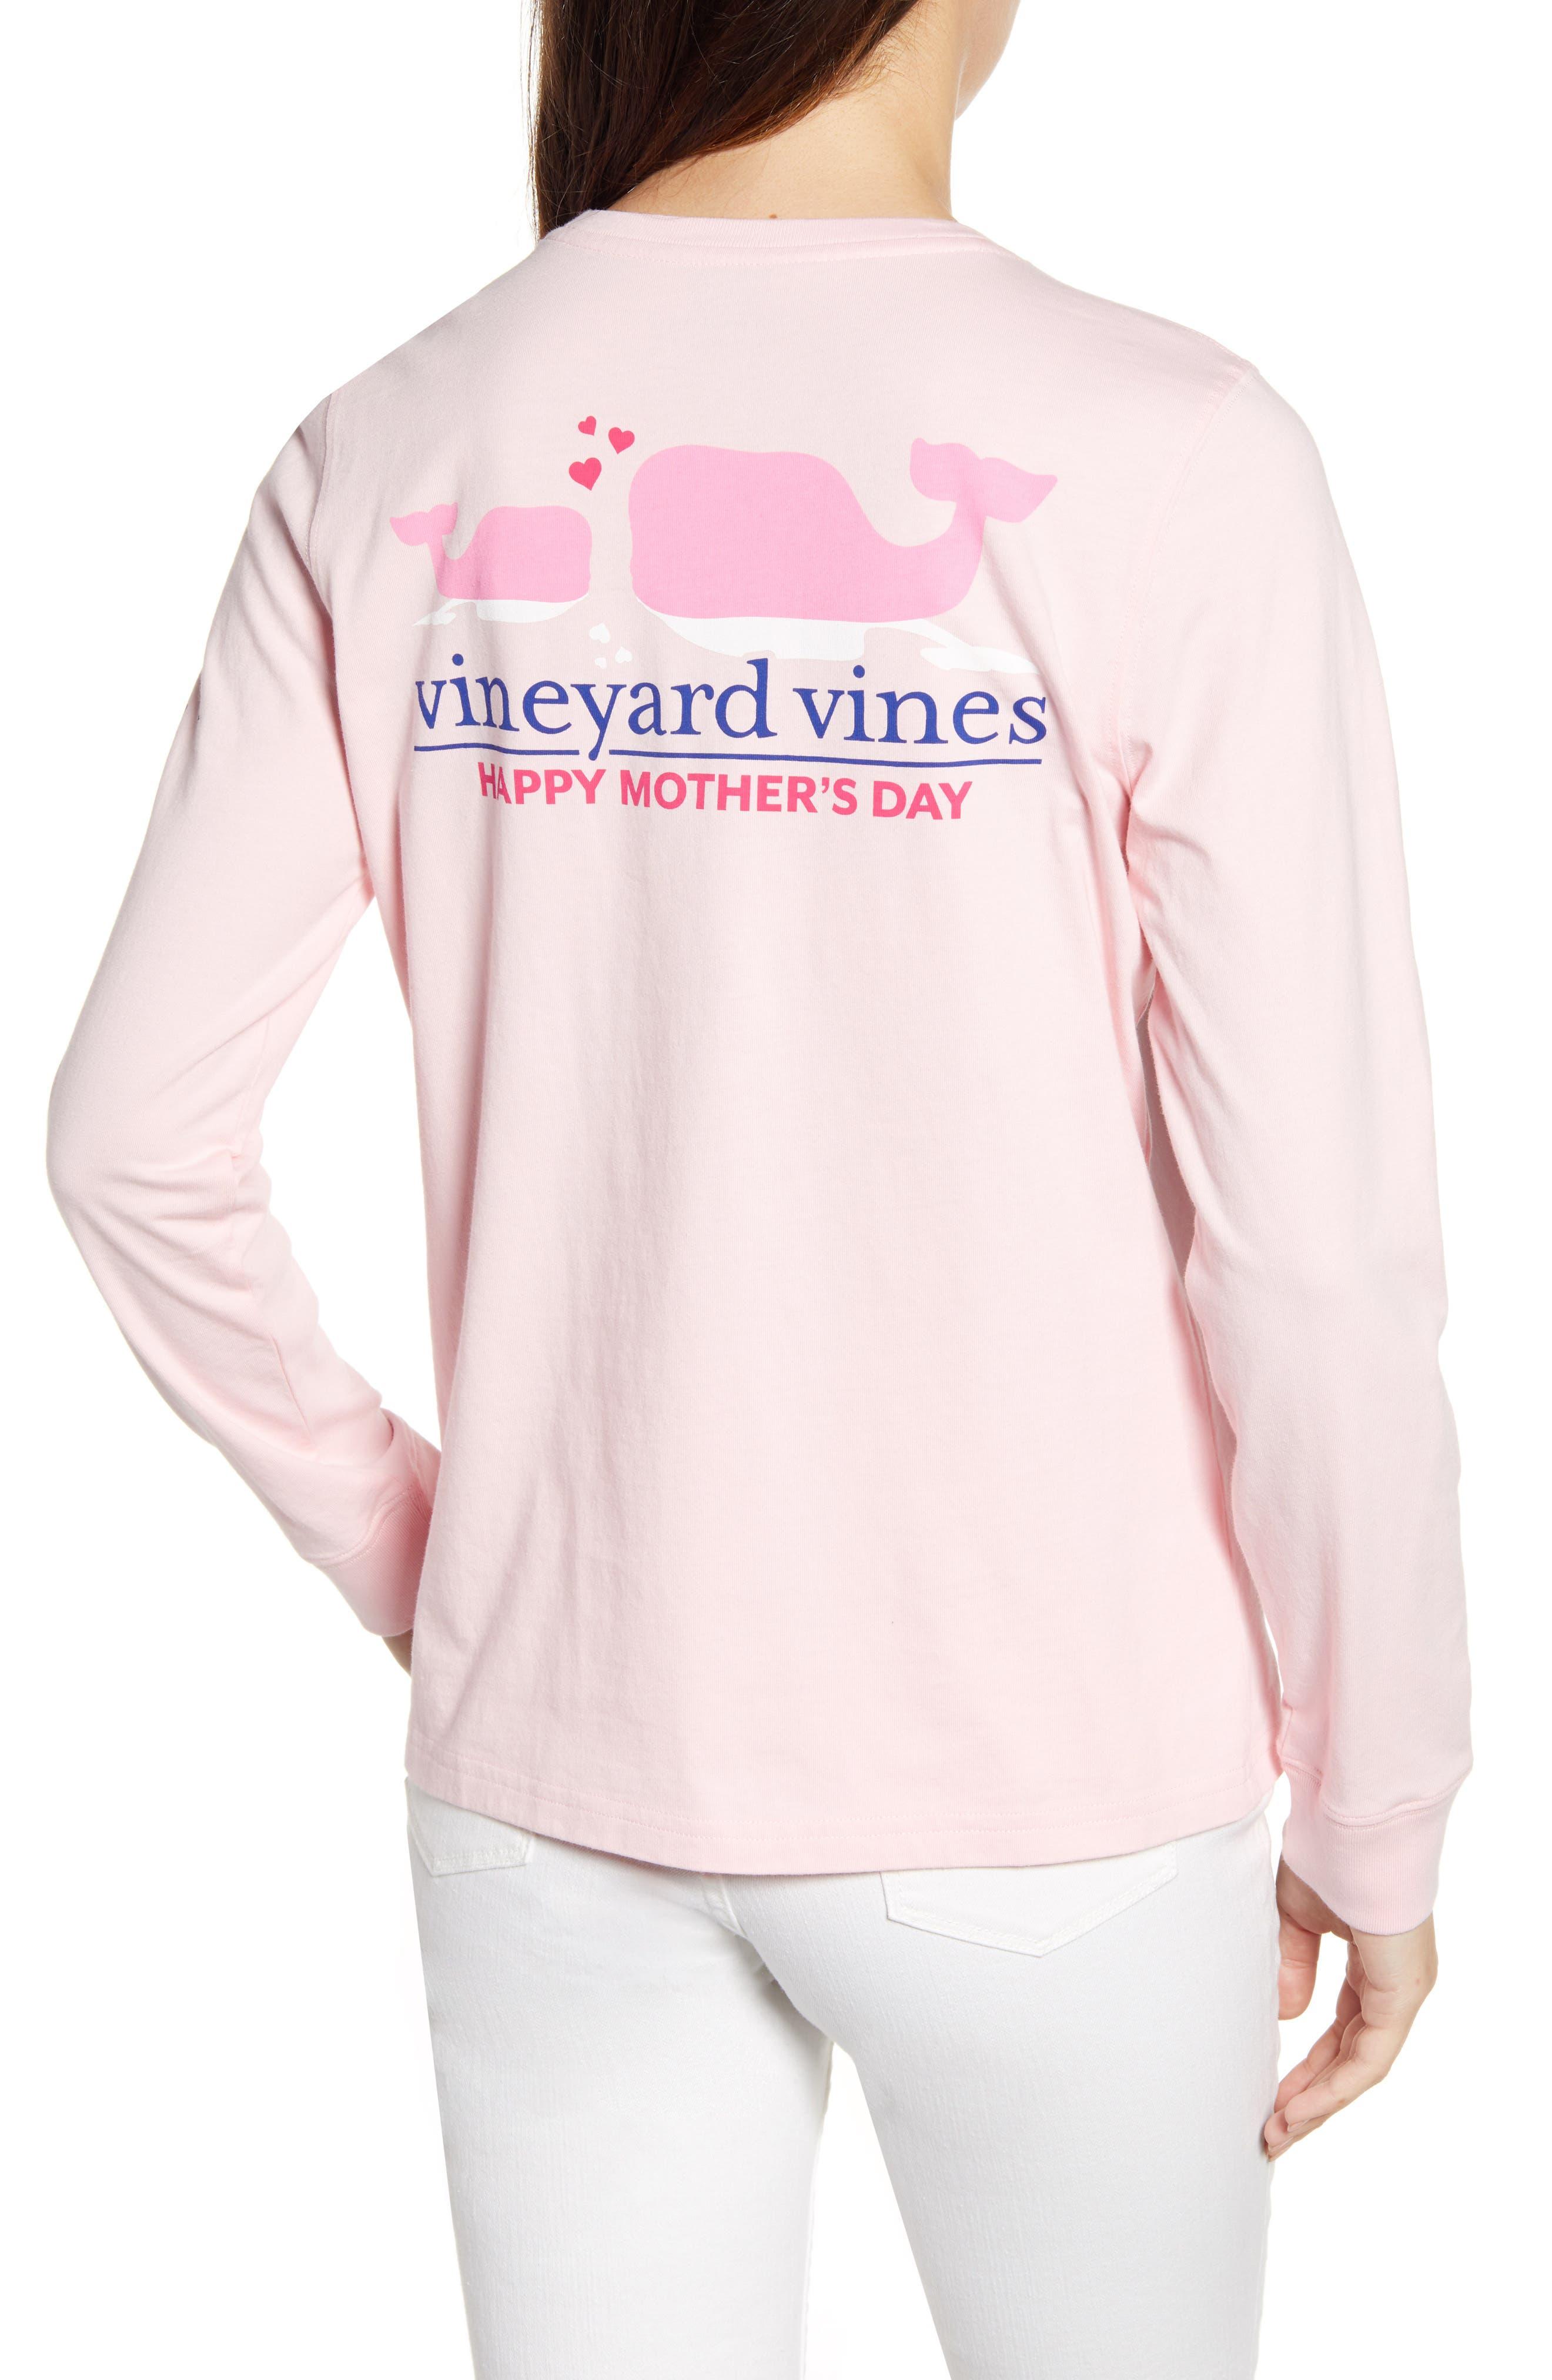 605e5cb9 Women's Vineyard Vines Tops   Nordstrom